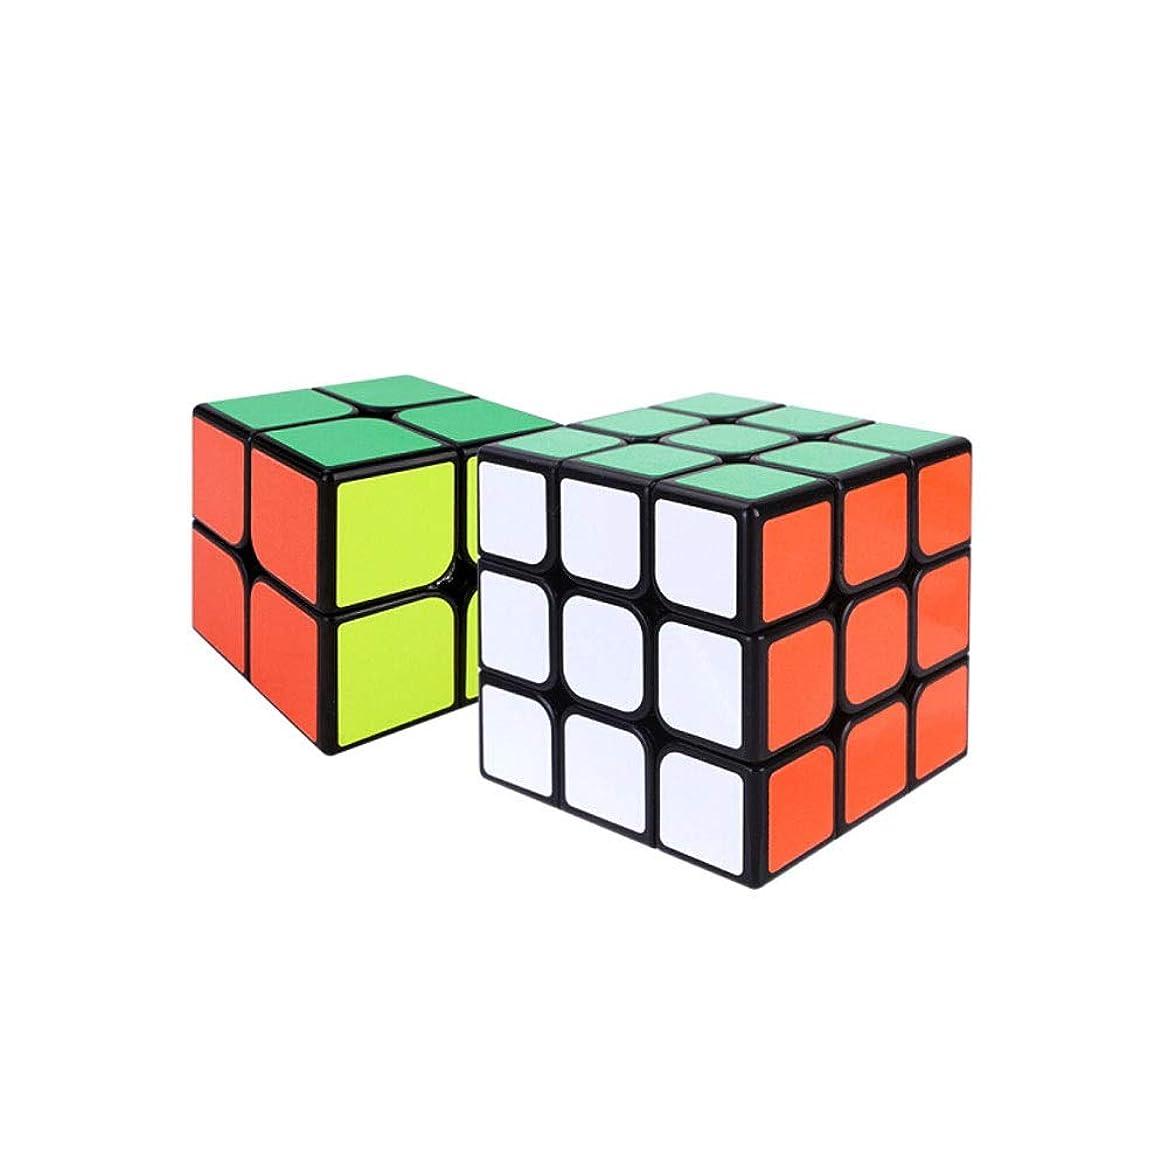 仕様険しい学部Qiaoxianpo01 ルービックキューブ、快適な雰囲気のデザインを使用した2つのパッケージ化された滑らかなルービックキューブ、高品質ABS素材(2次/ 3次) 雰囲気 (Edition : Second order and Third order)